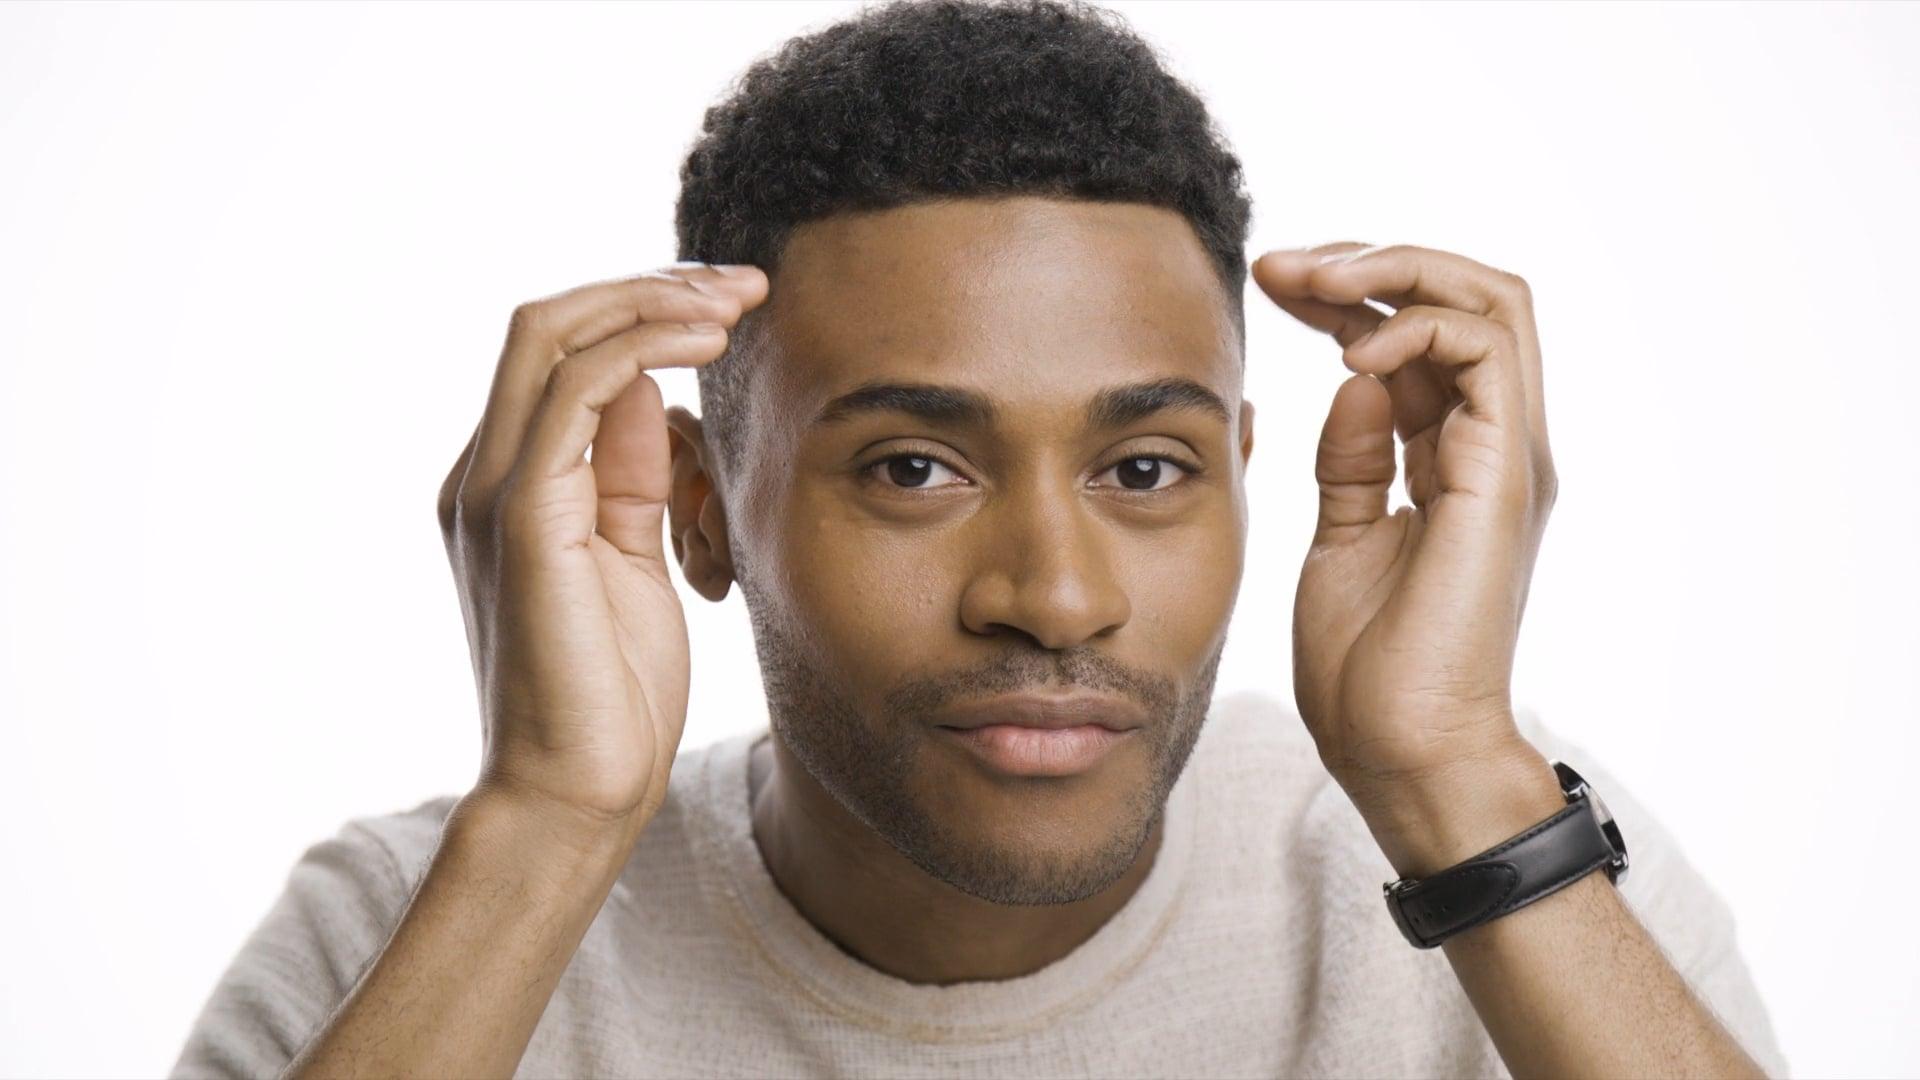 BaByliss Men - Grooming Tips